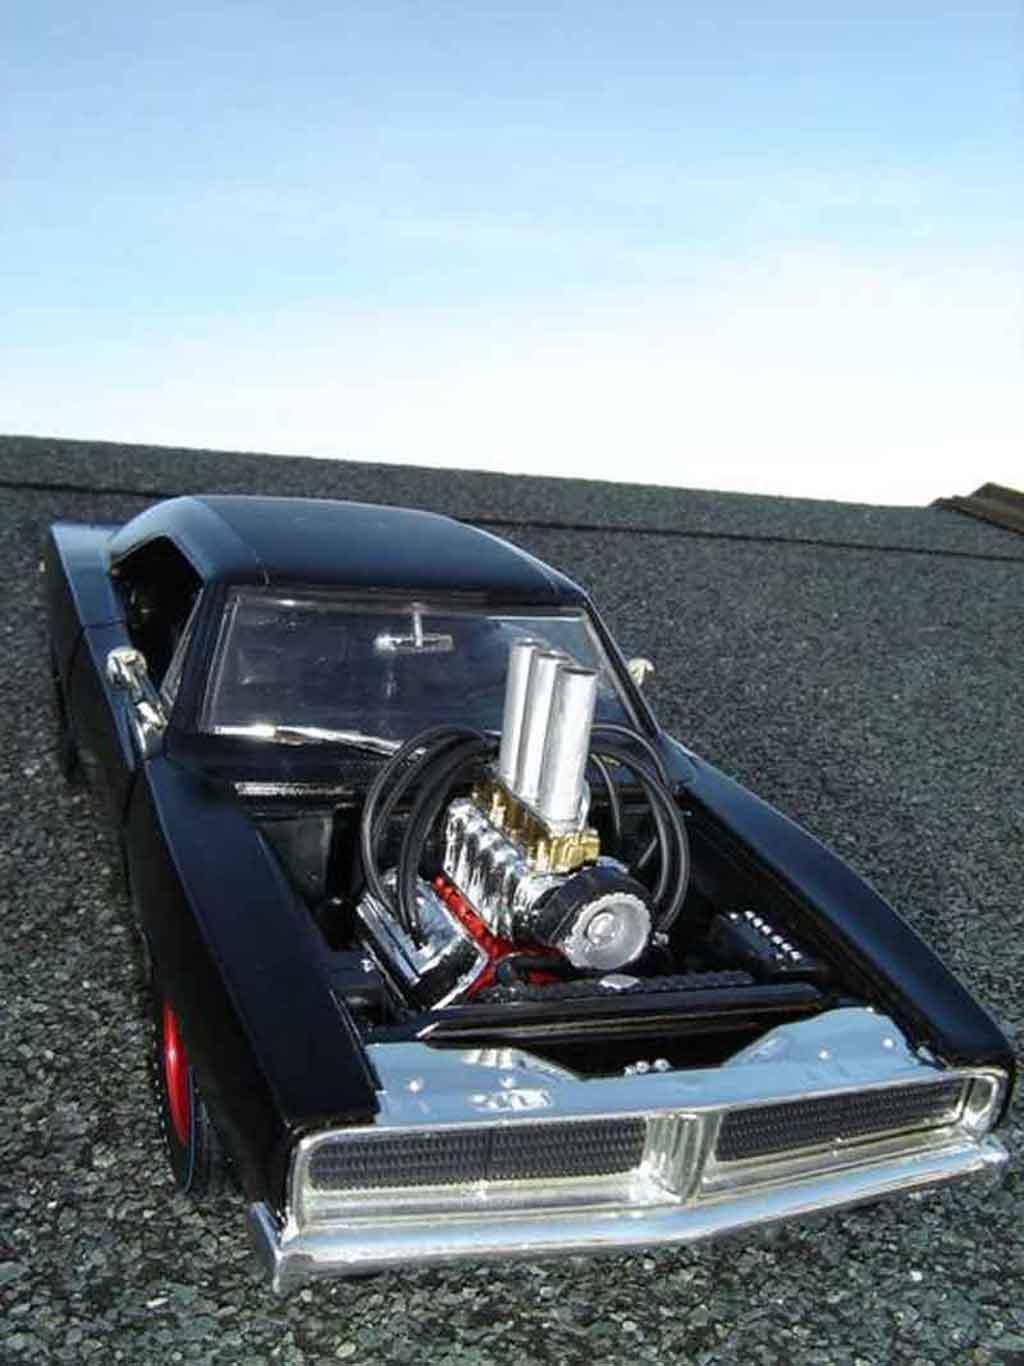 Diecast Metal Cars 1 18 1/18 Scale Diecast Metal